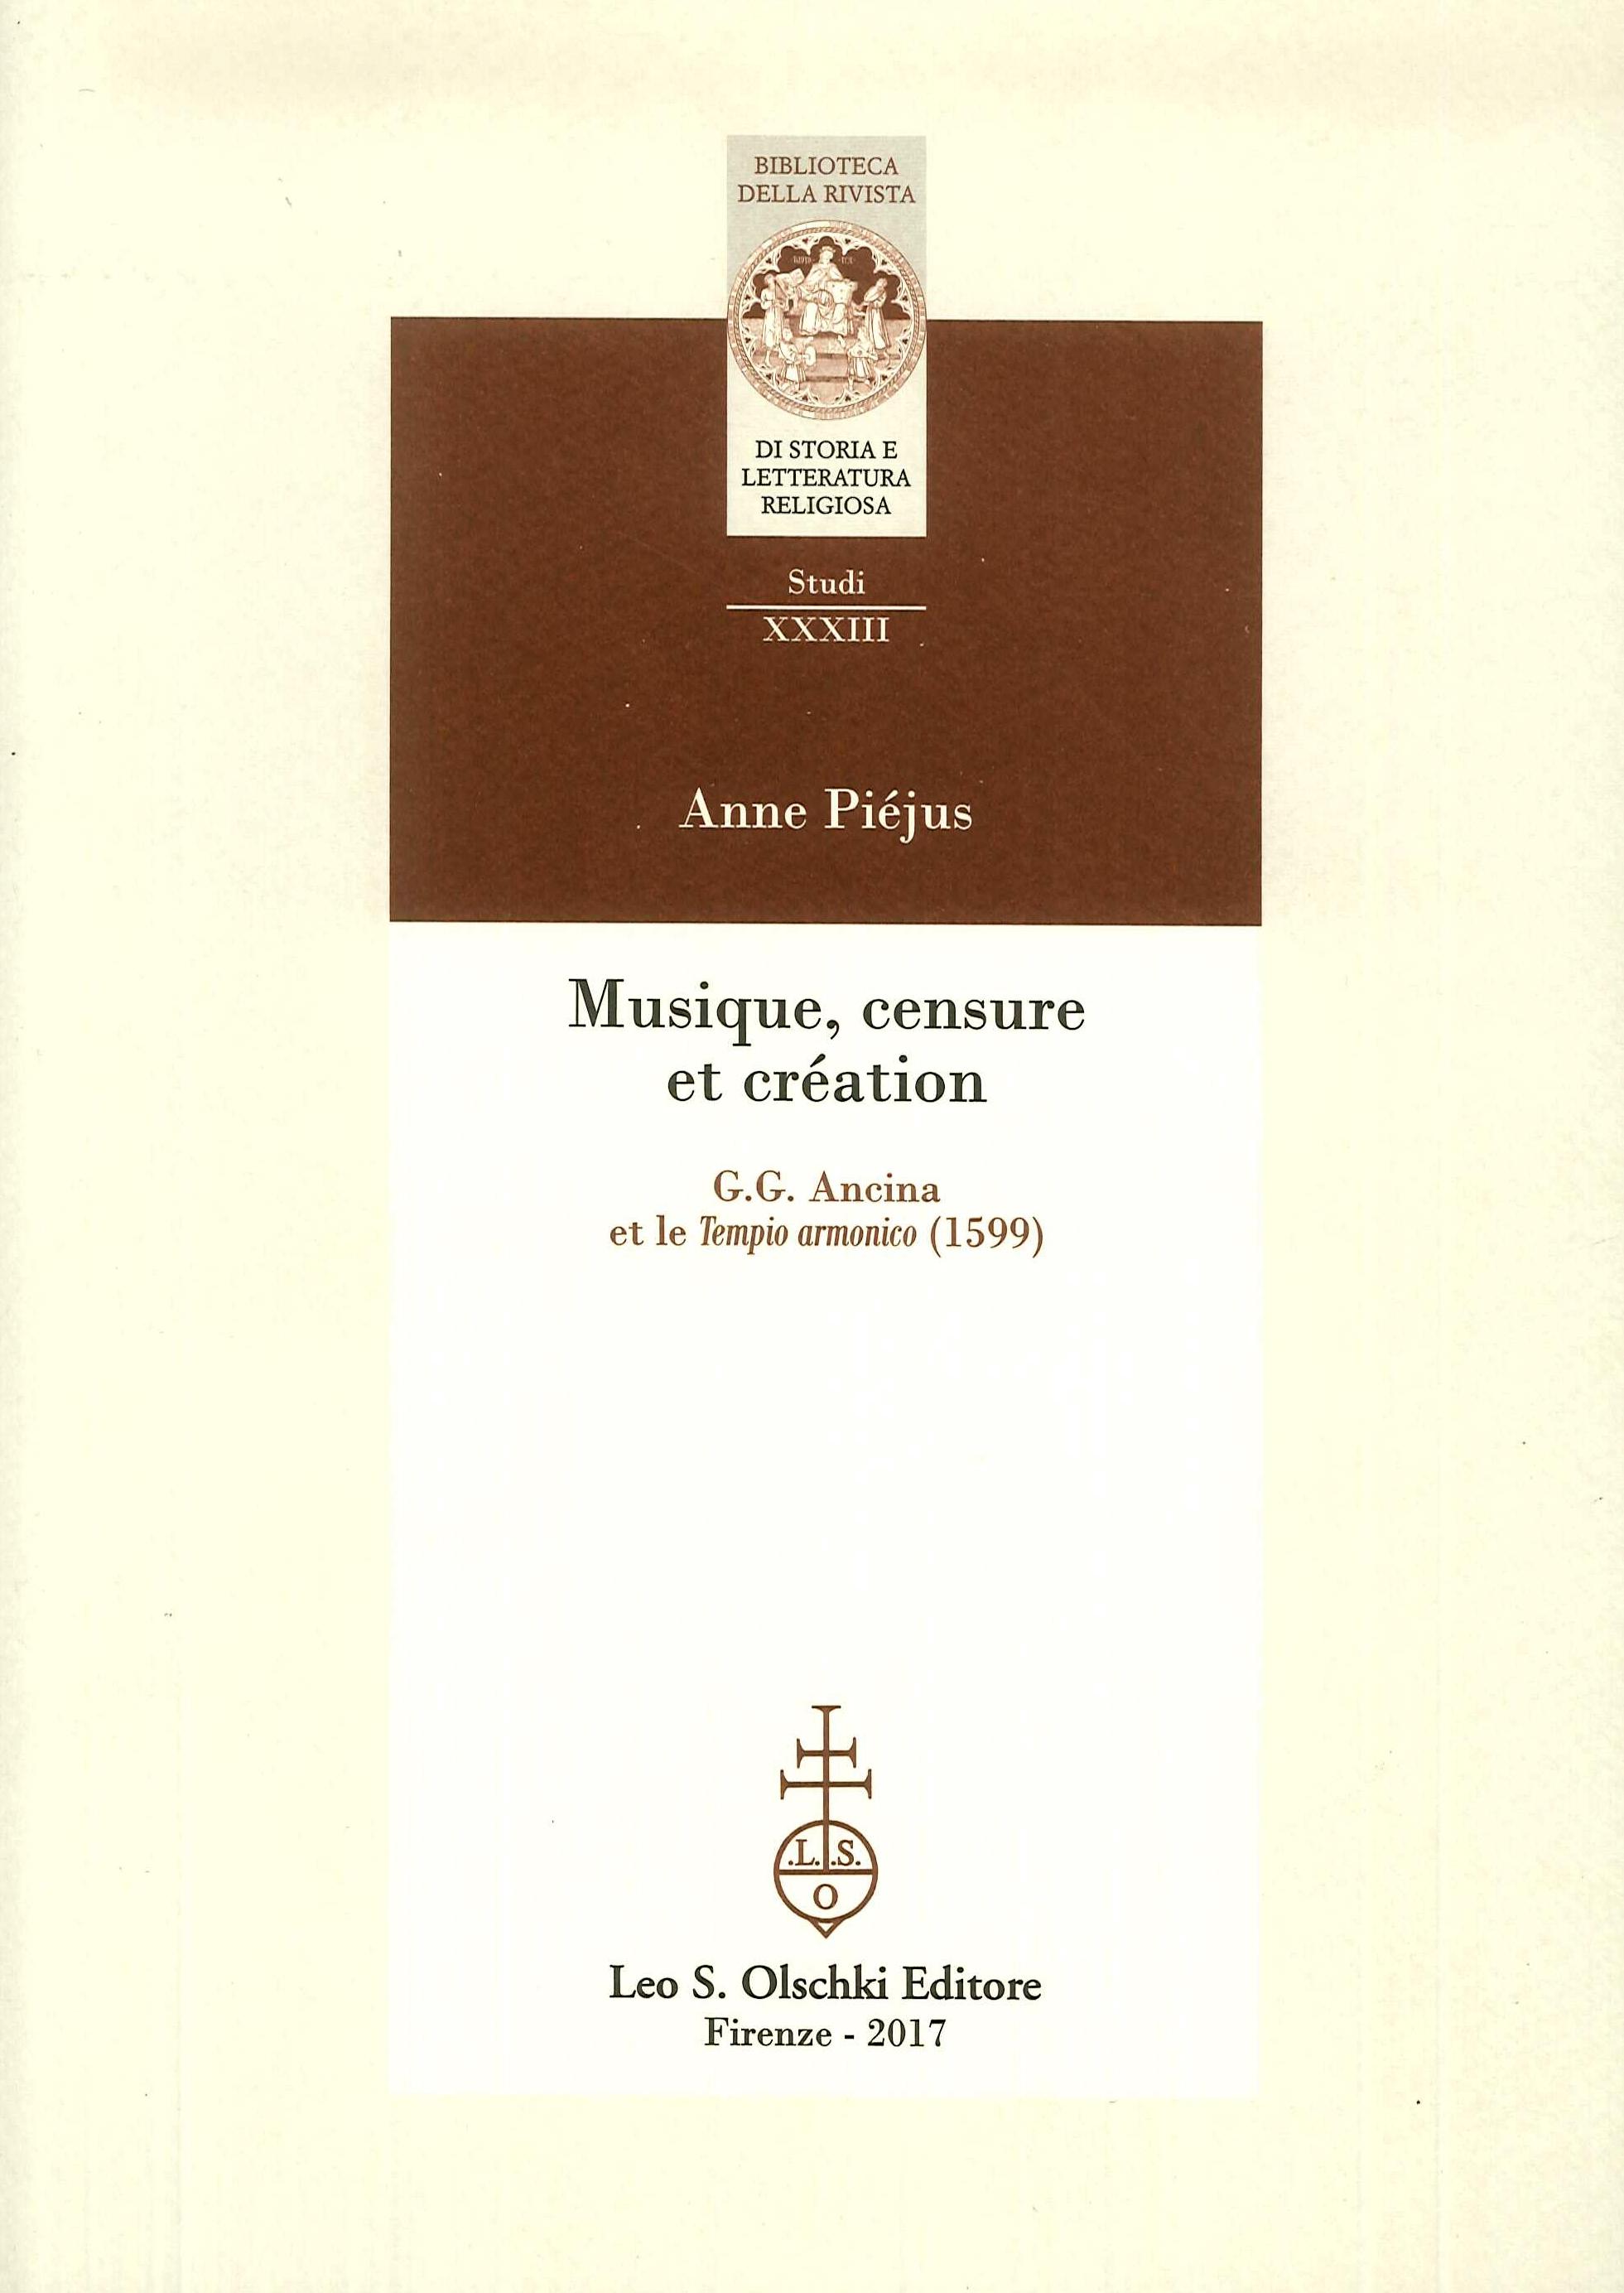 Musique, censure et création. G.C. Ancina et le Tempio armonico (1599)